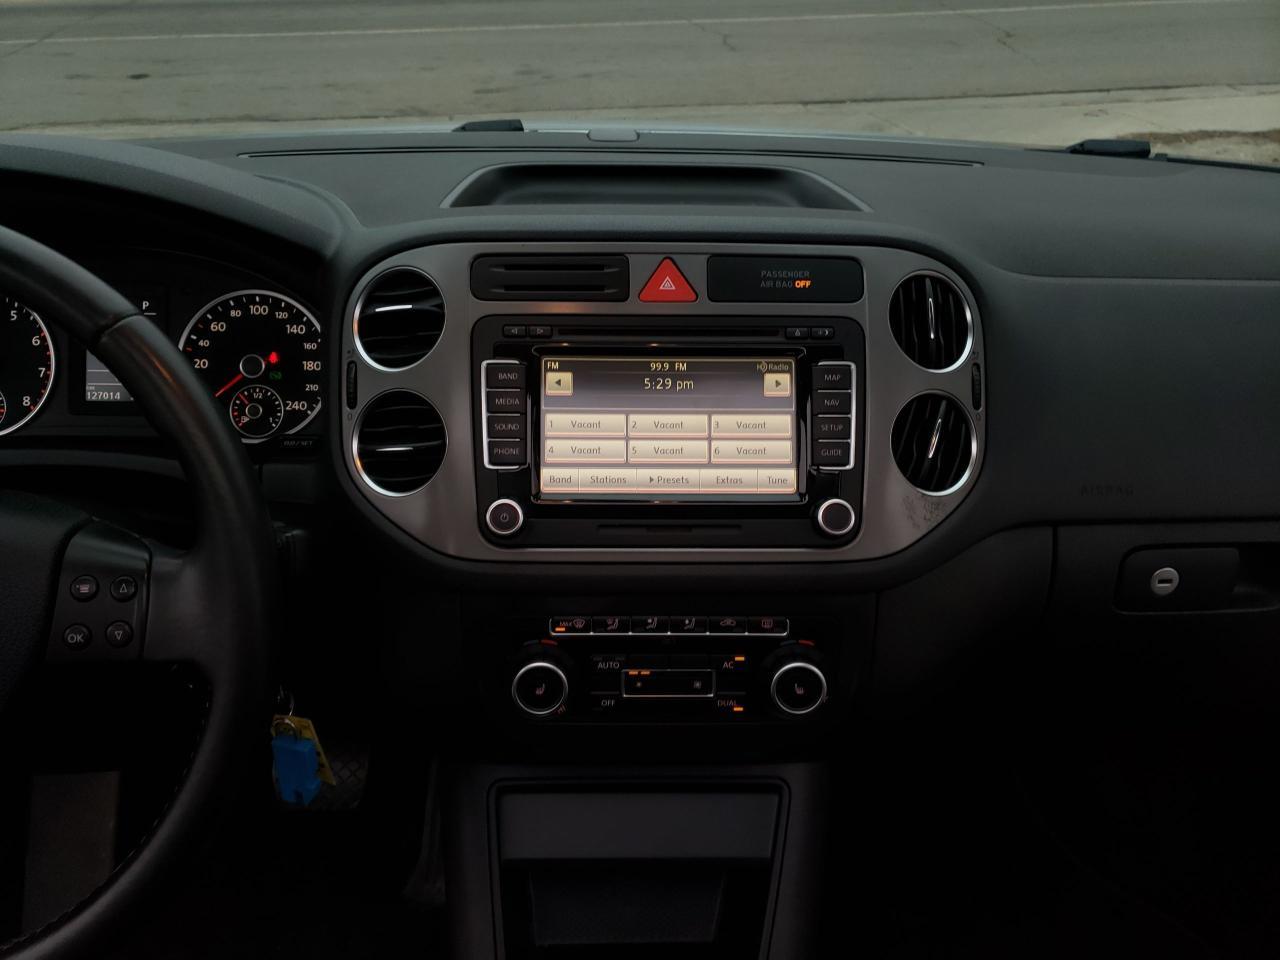 2010 Volkswagen Tiguan